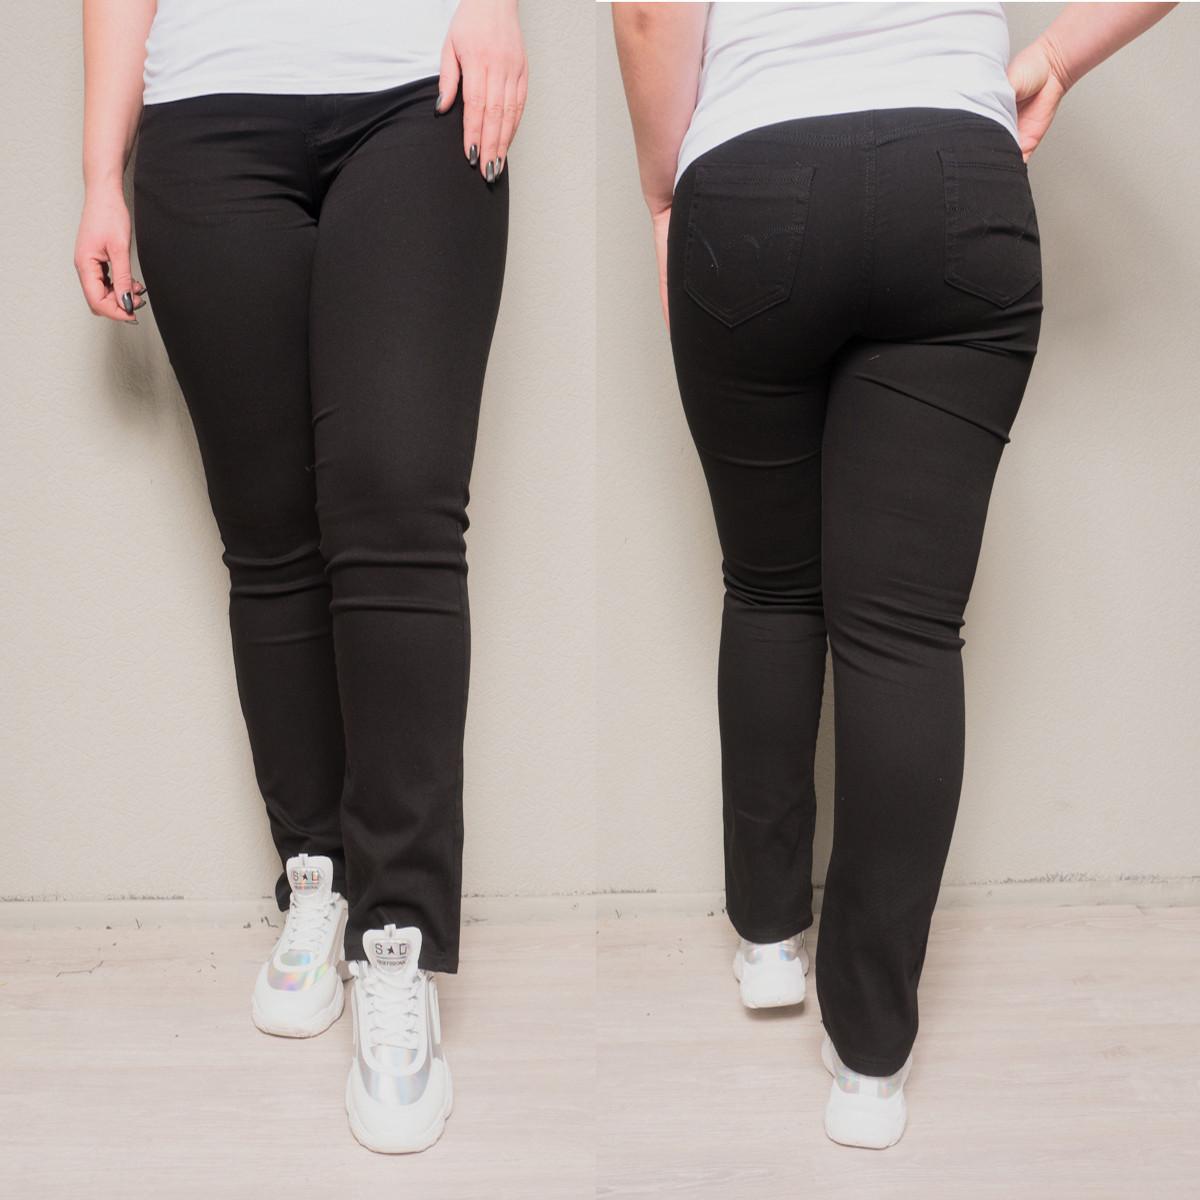 9769-03 черные (A) Sunbird джинсы женские батальные летние стрейчевые (34,35,35,36,36,37, 6 ед.)